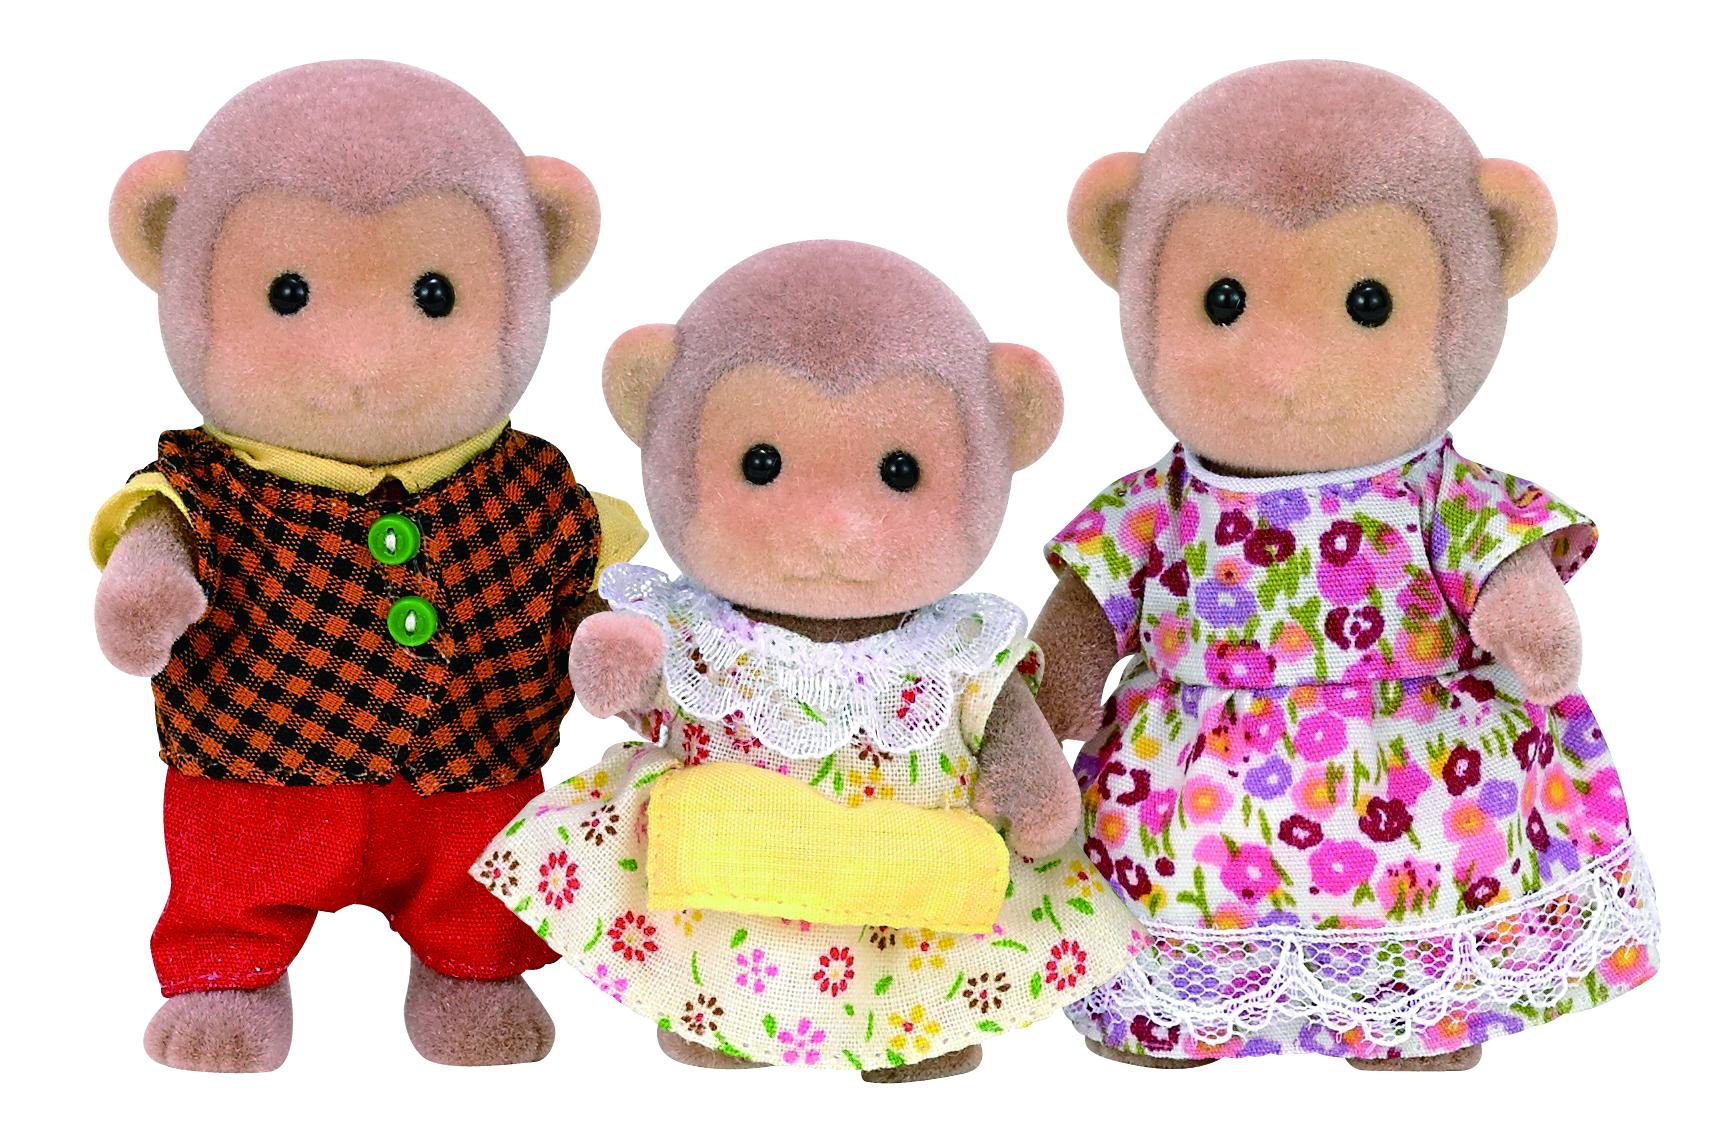 Игровой набор sylvanian families семья обезьян, 3 фигурки